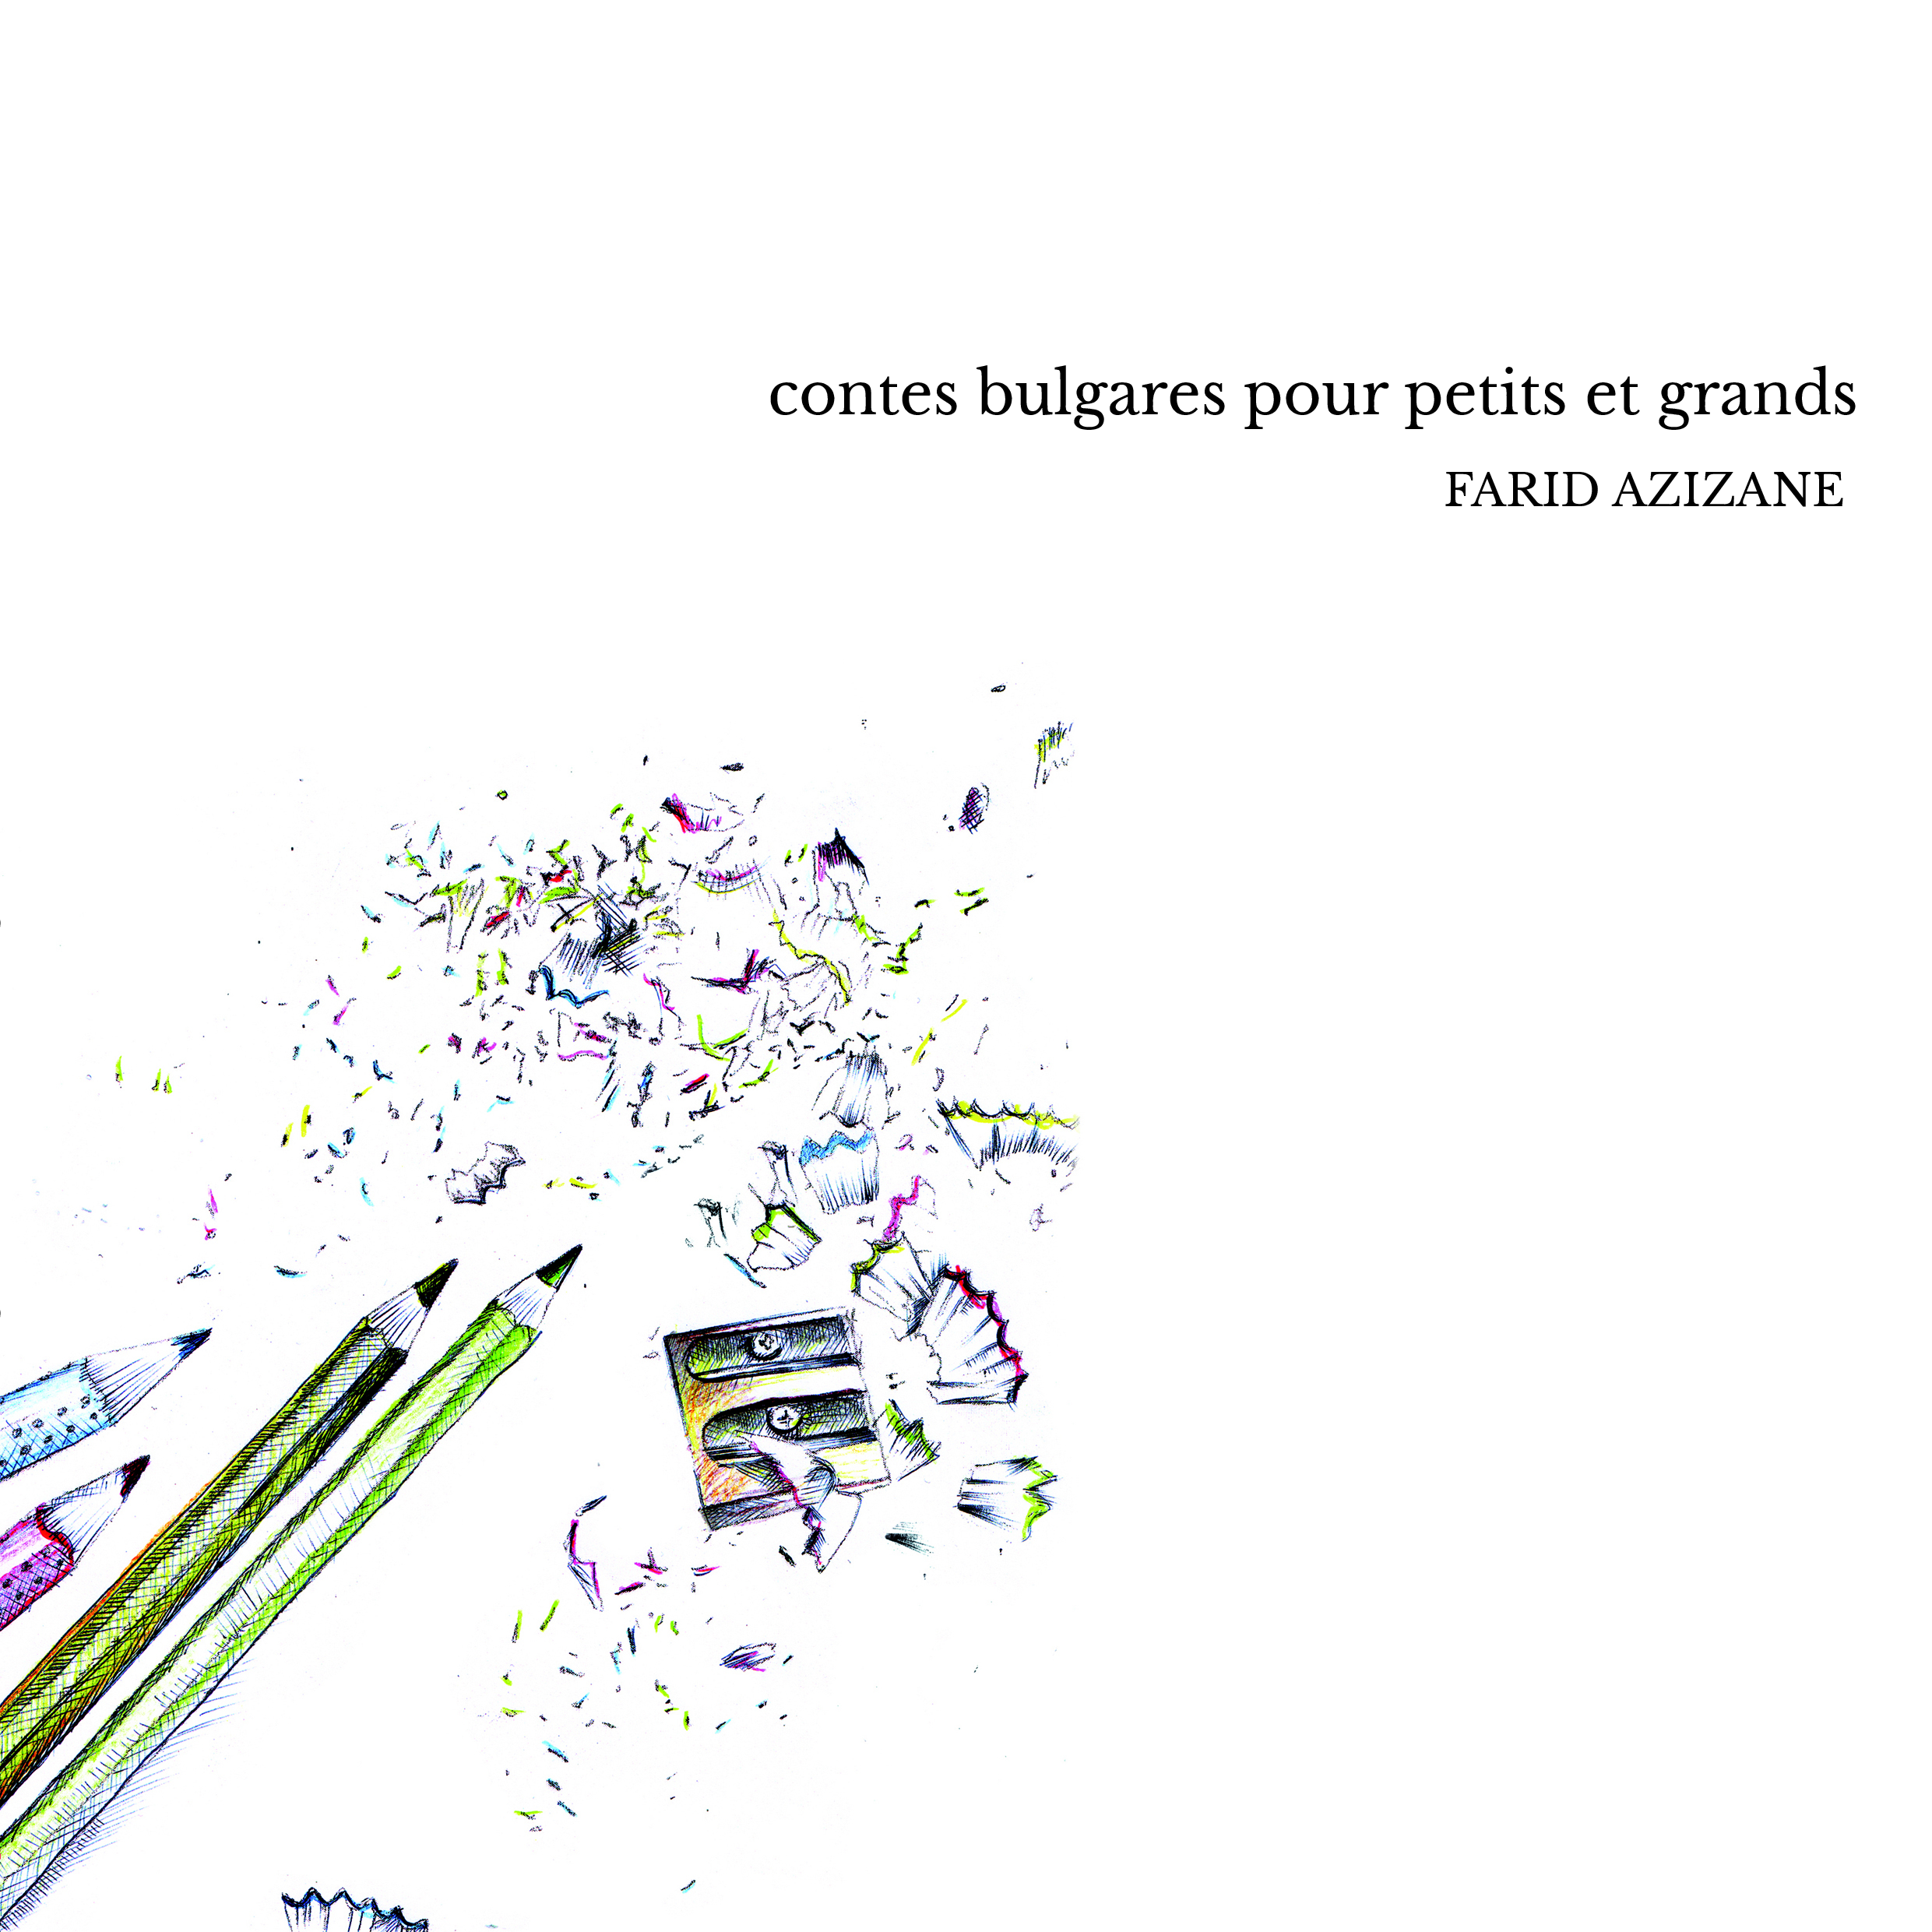 contes bulgares pour petits et grands